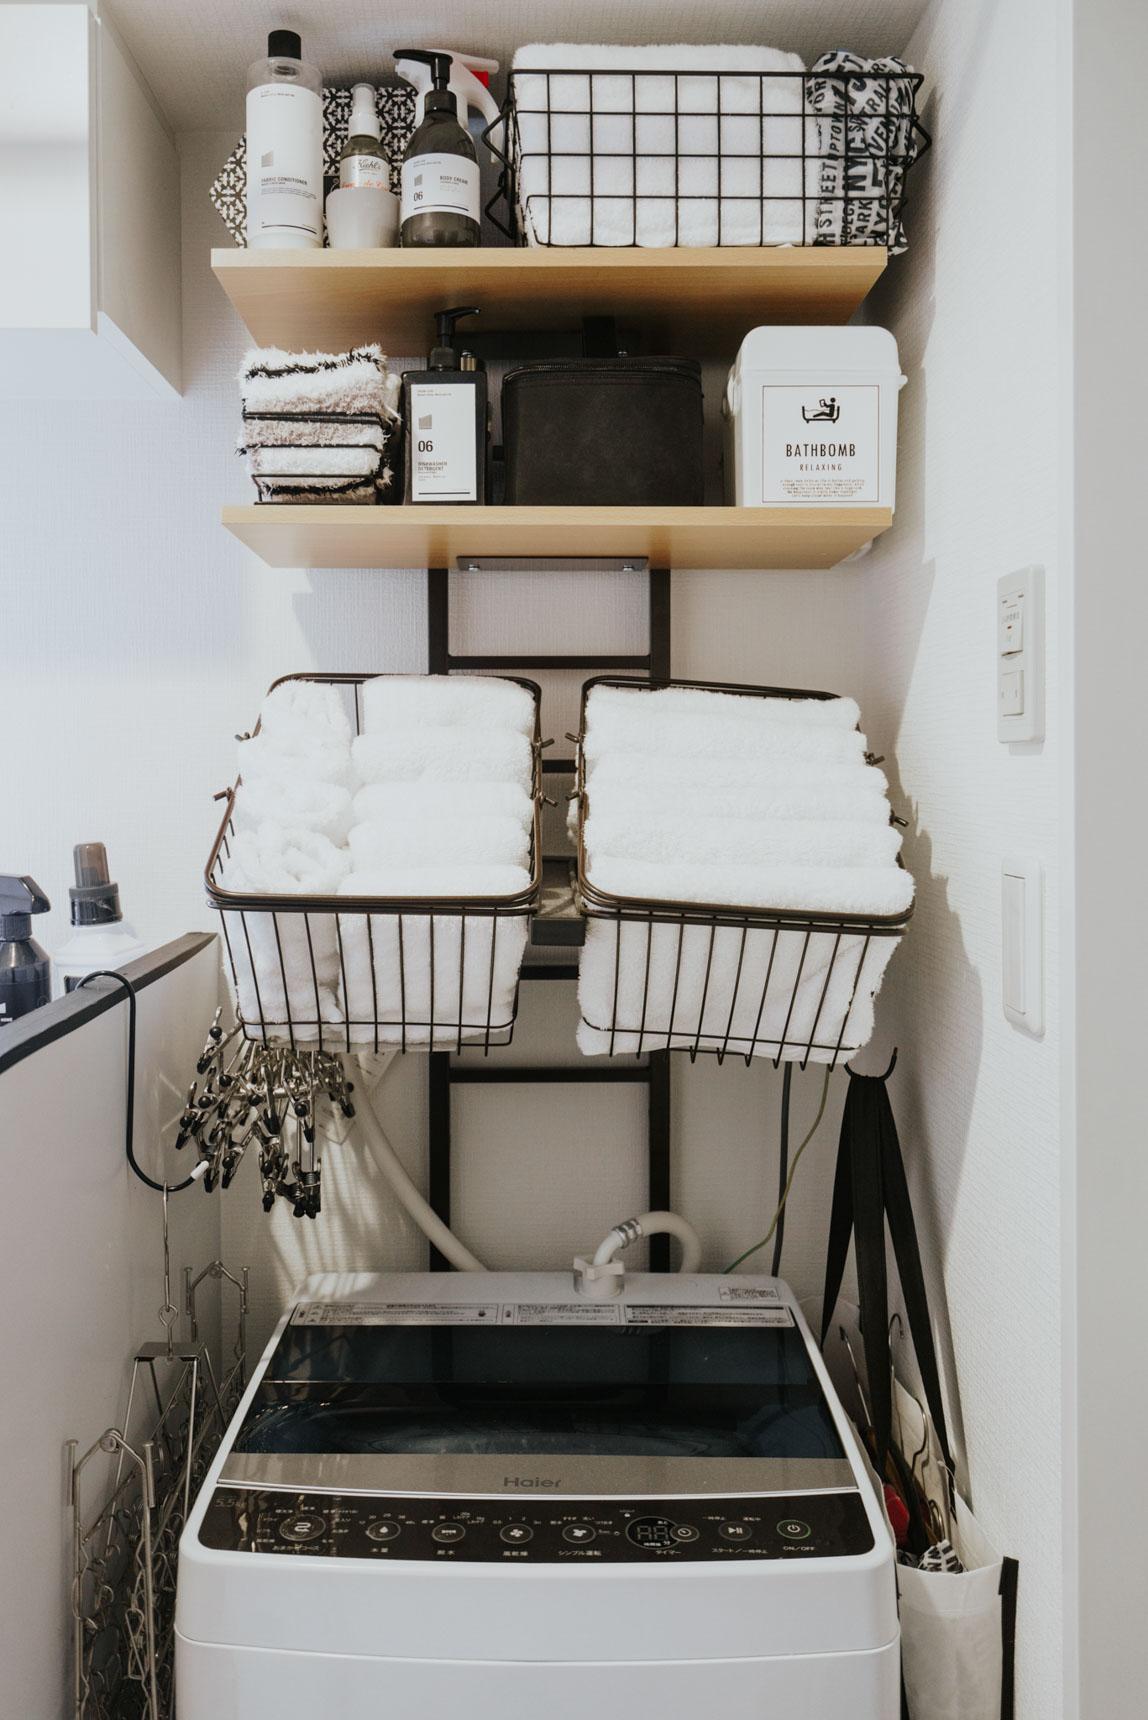 洗濯機ラックって場所を取ることが多いけれど、このタイプは省スペースでいいですね!バスケットにしまうタオルも、もちろん白です。